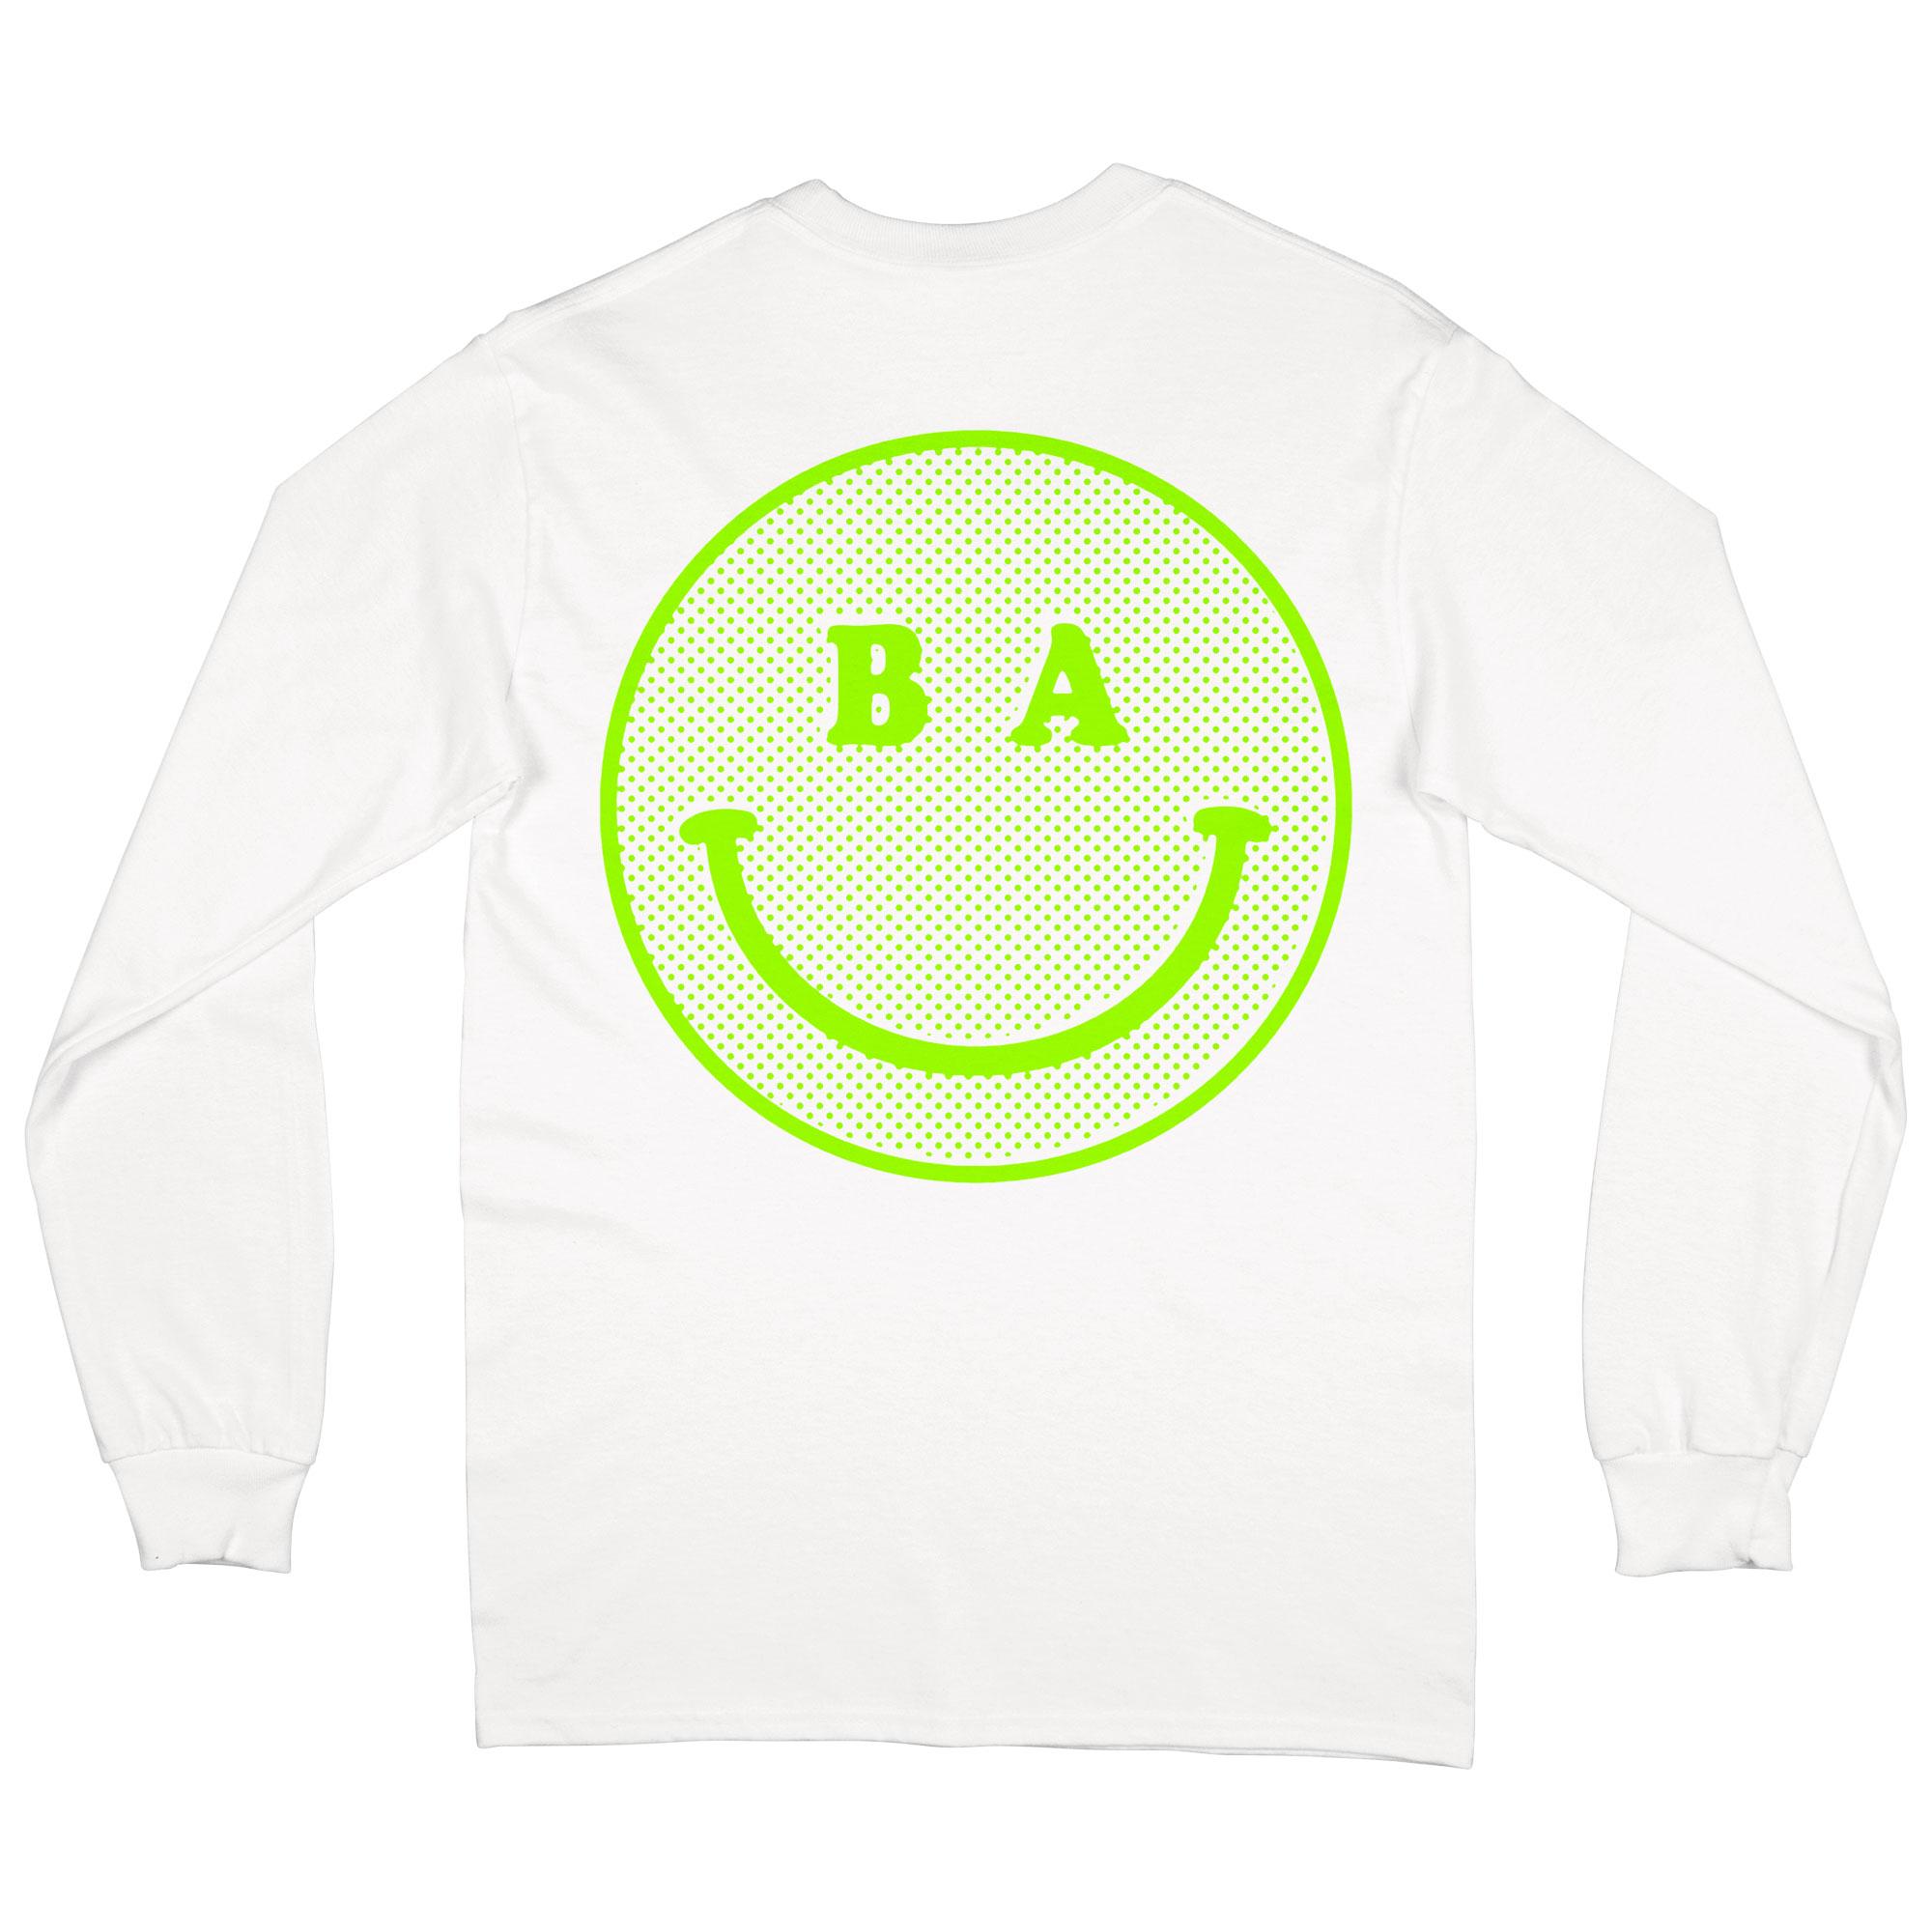 BA_1214_39B.jpg